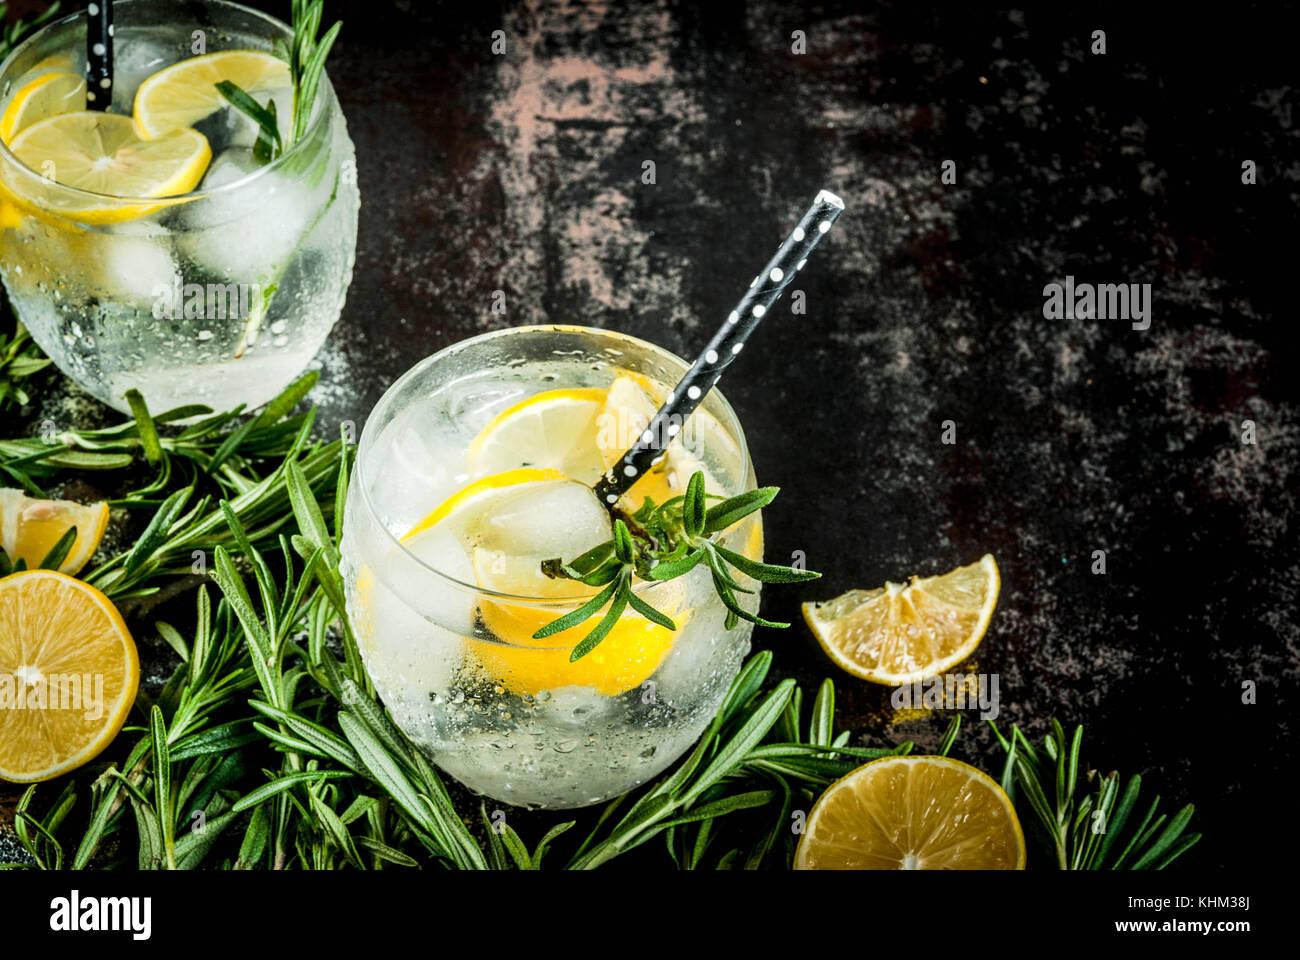 L'alcool froid limonade ou cocktail vodka avec du citron et du romarin, sur un arrière-plan noir métallique Photo Stock